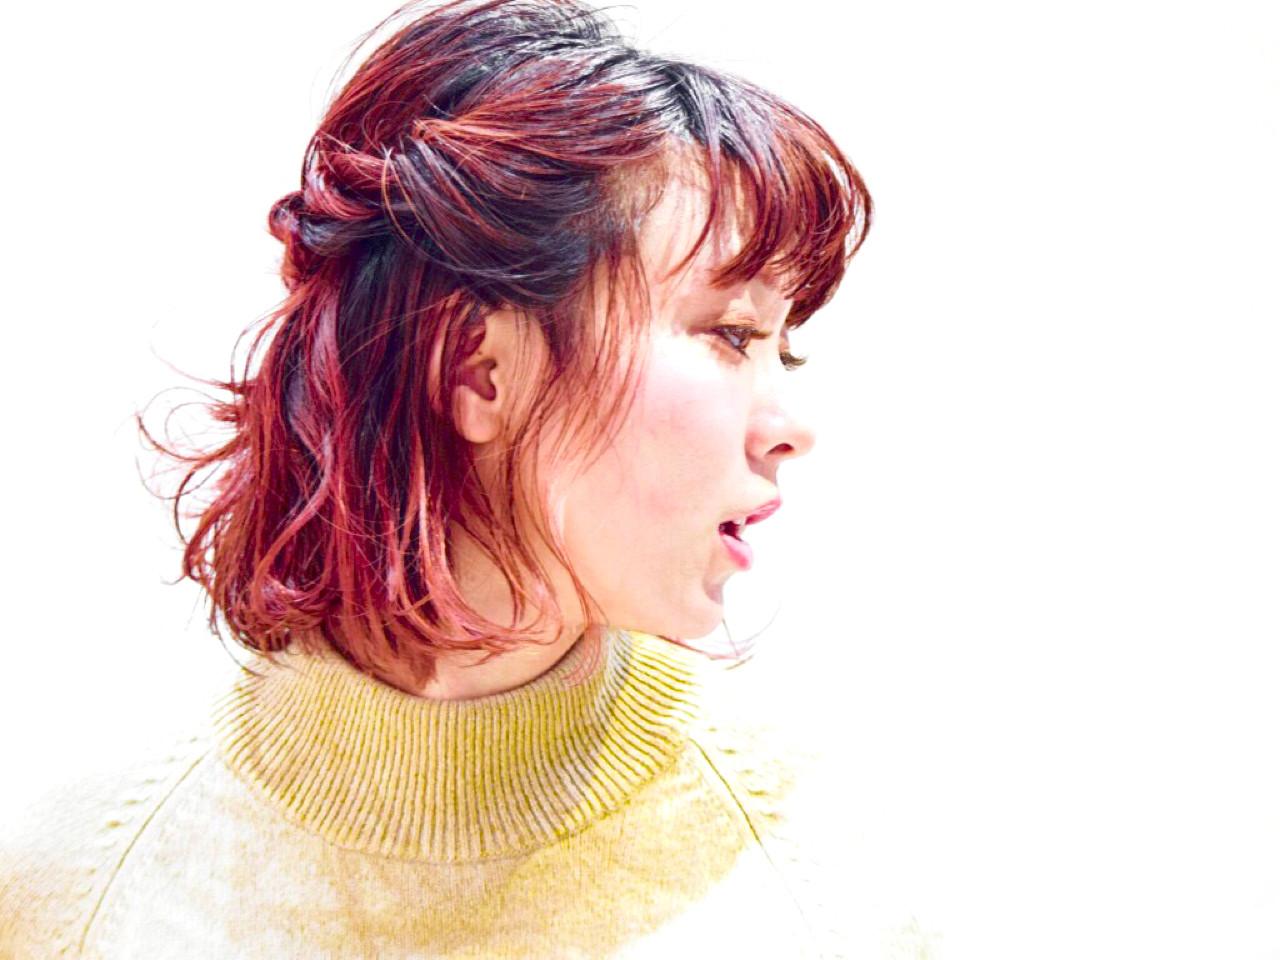 グラデーションカラー ガーリー パーマ ミディアム ヘアスタイルや髪型の写真・画像